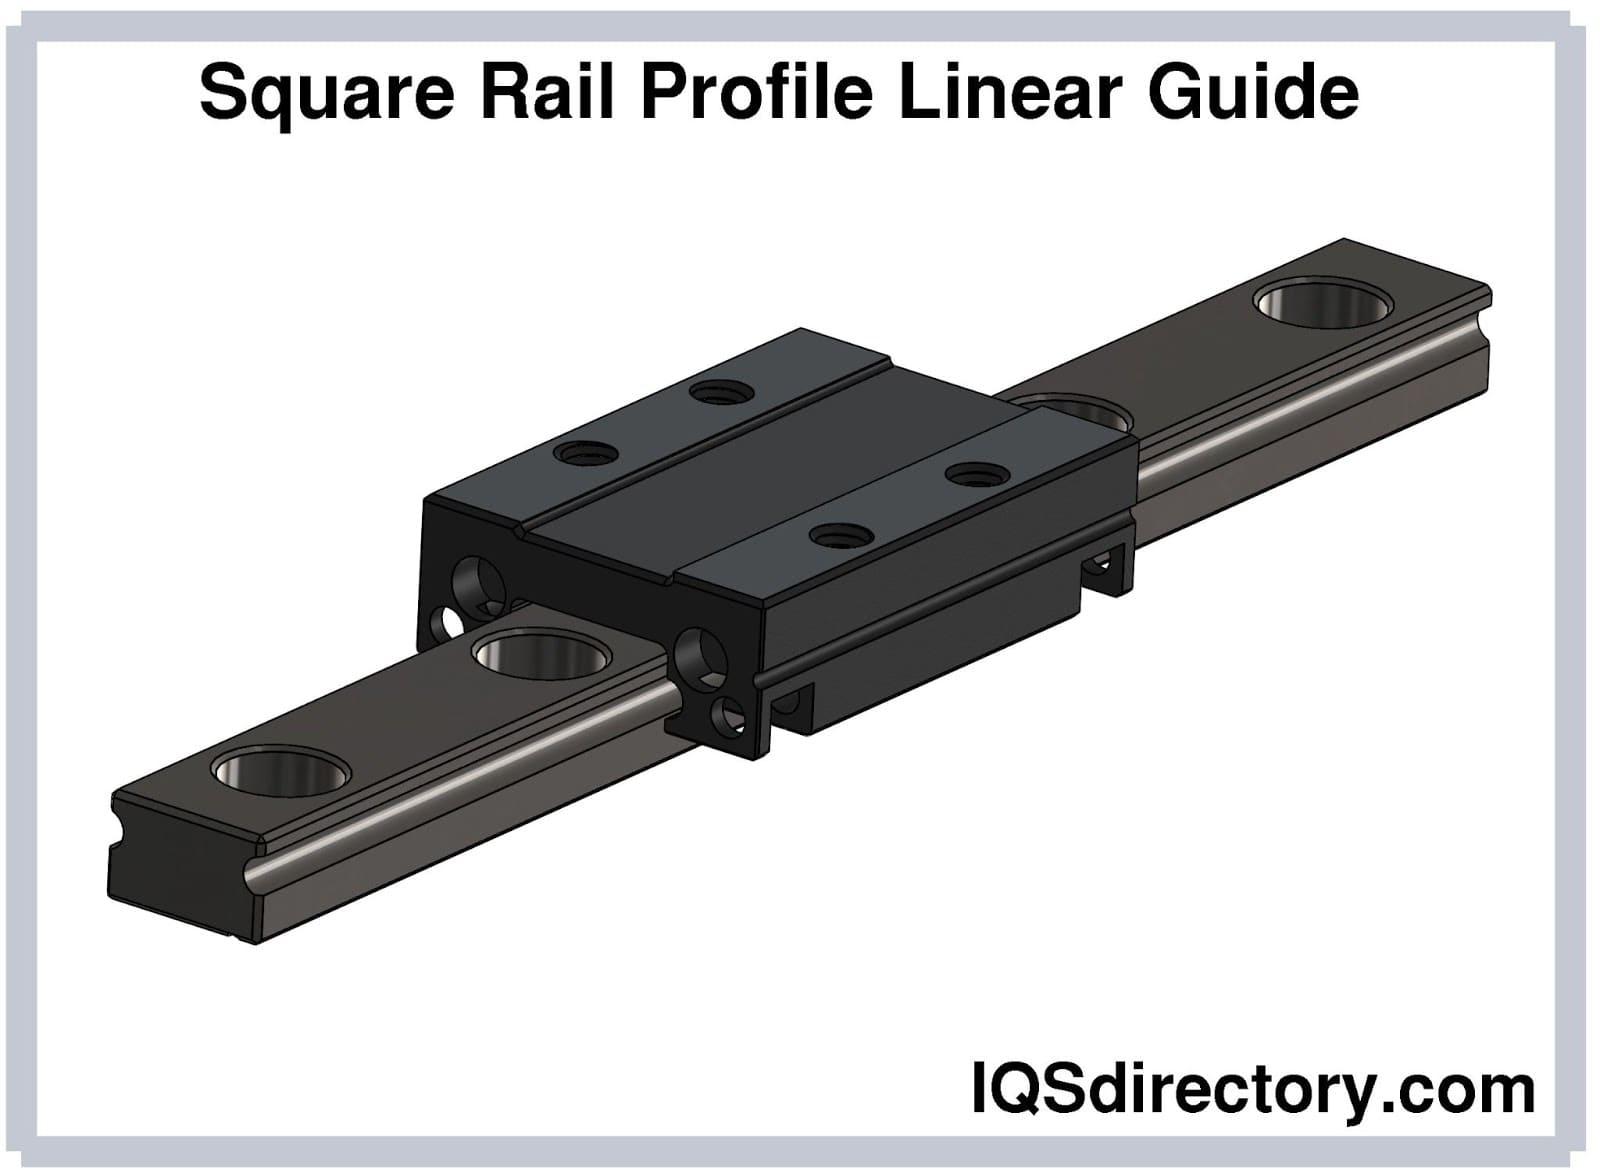 Square Rail Profile Linear Guide